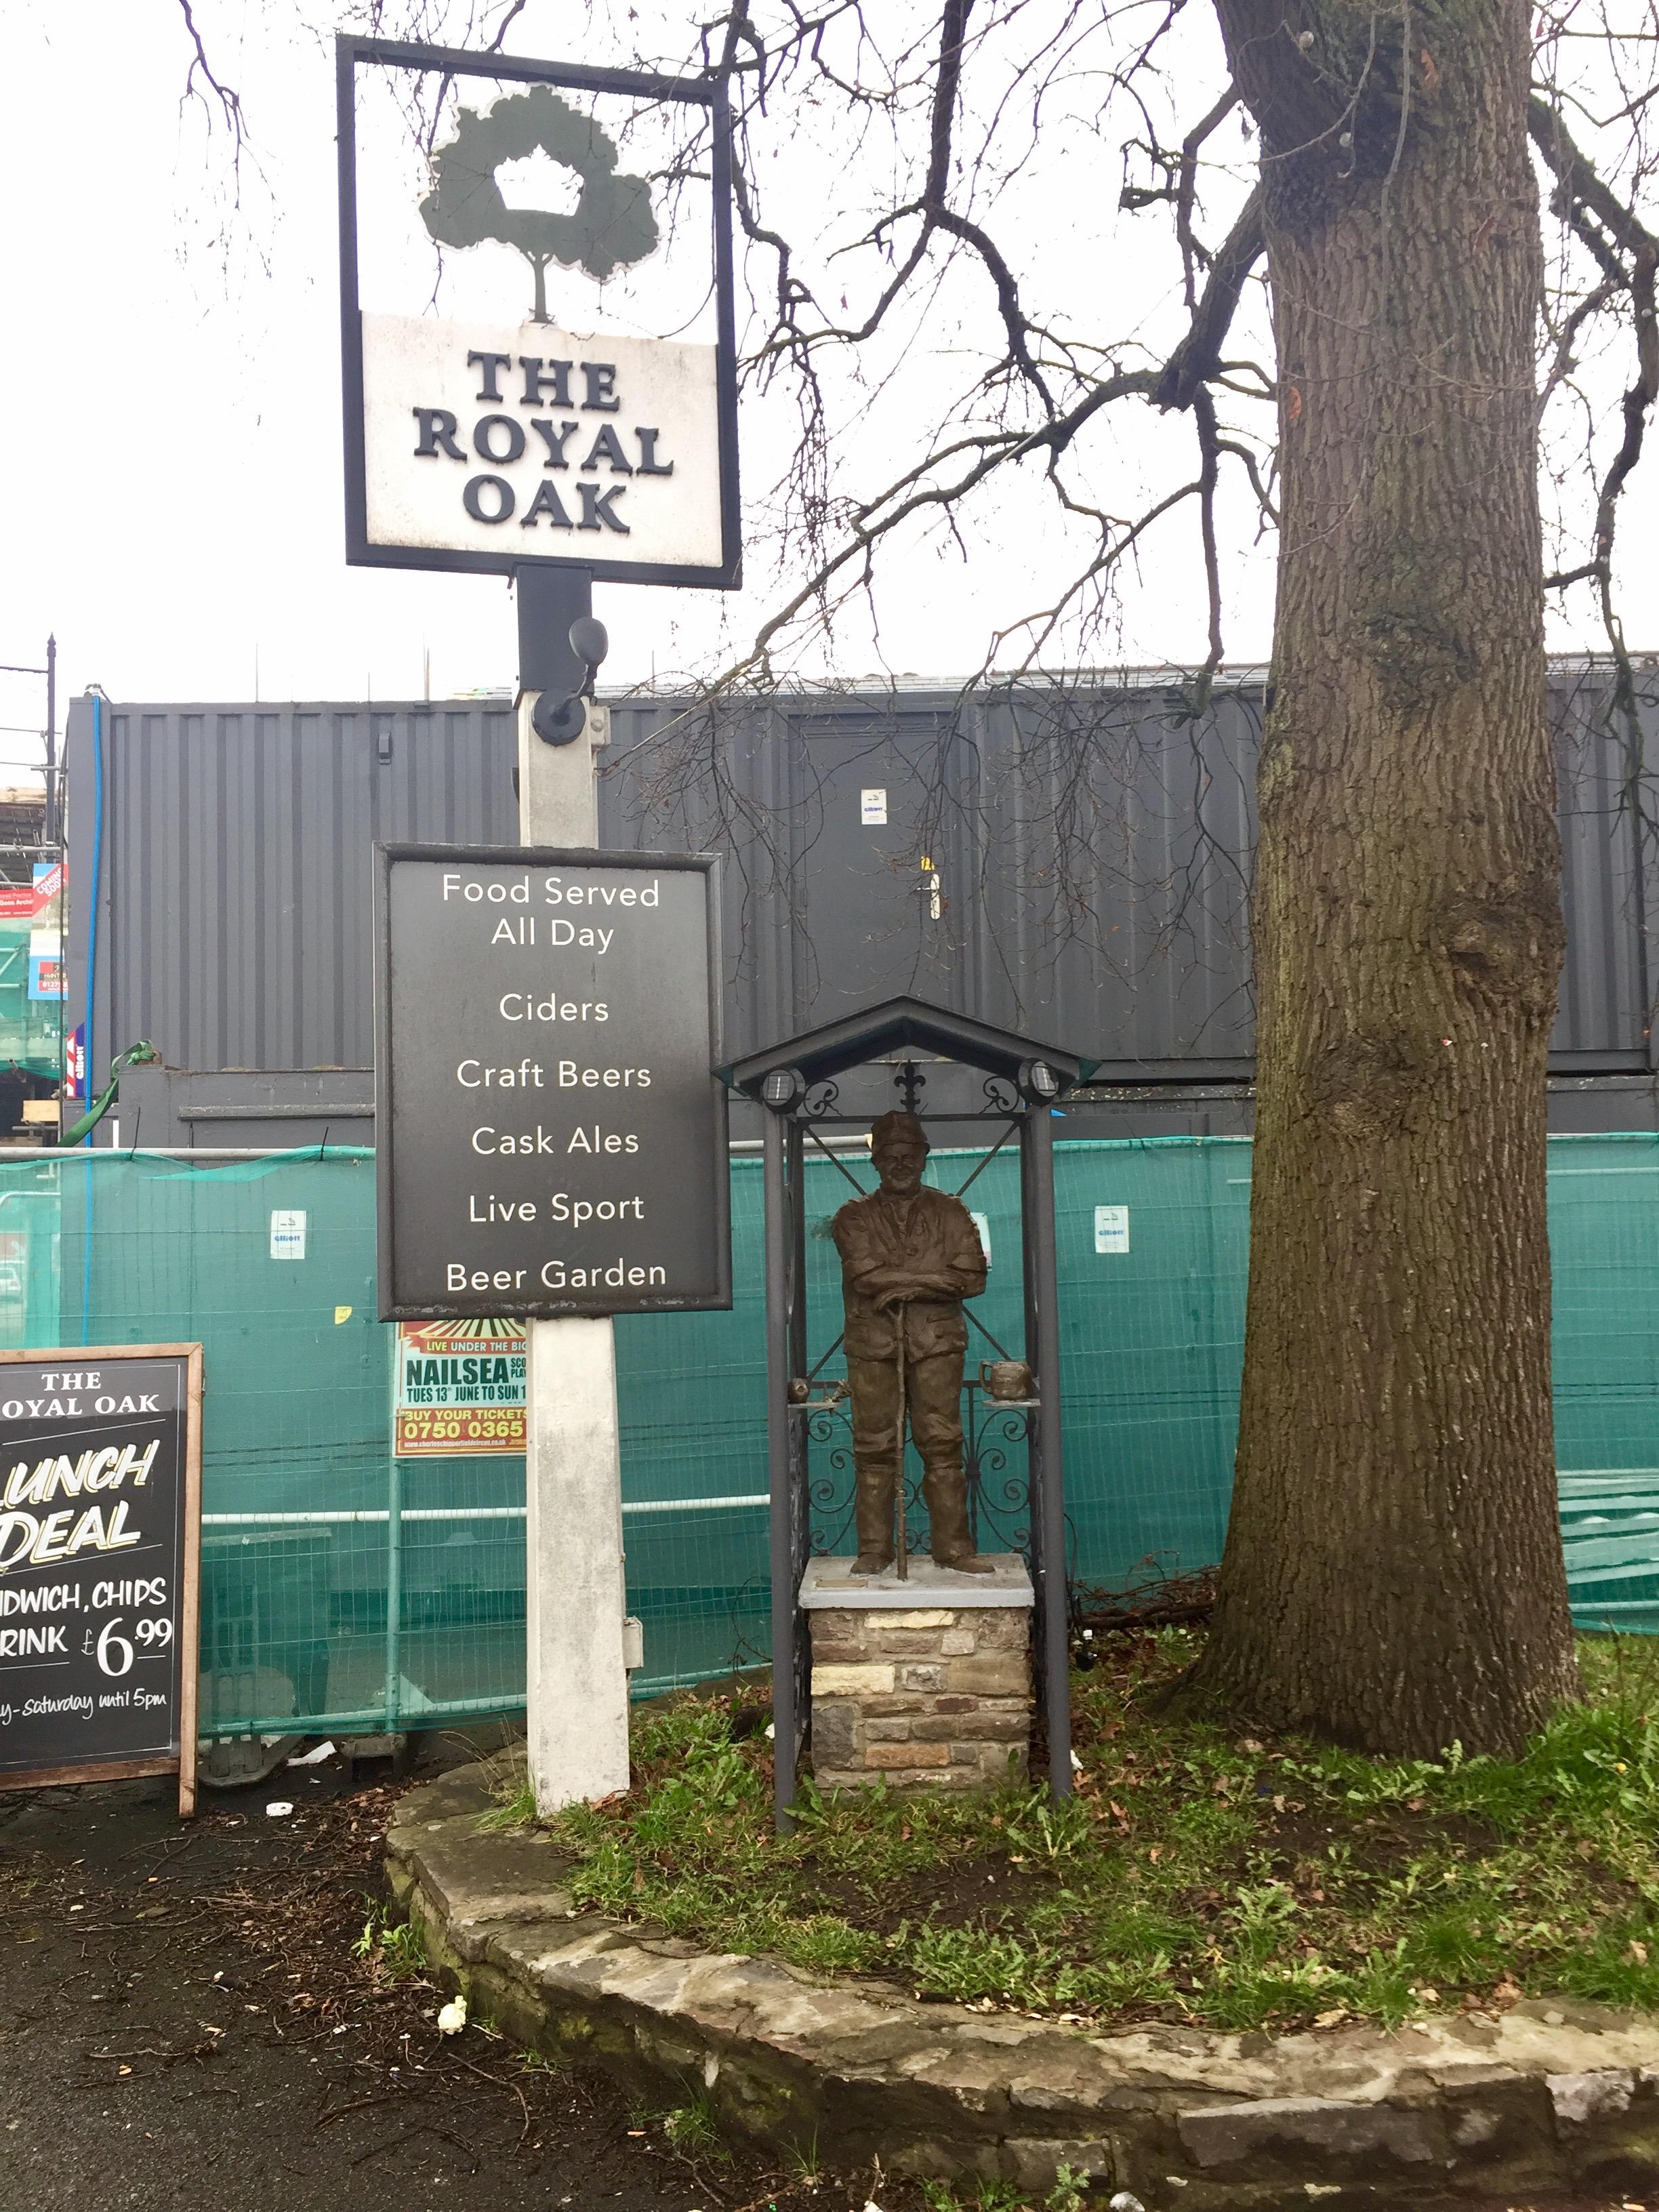 File:Adge Cutler statue at Royal Oak.jpg